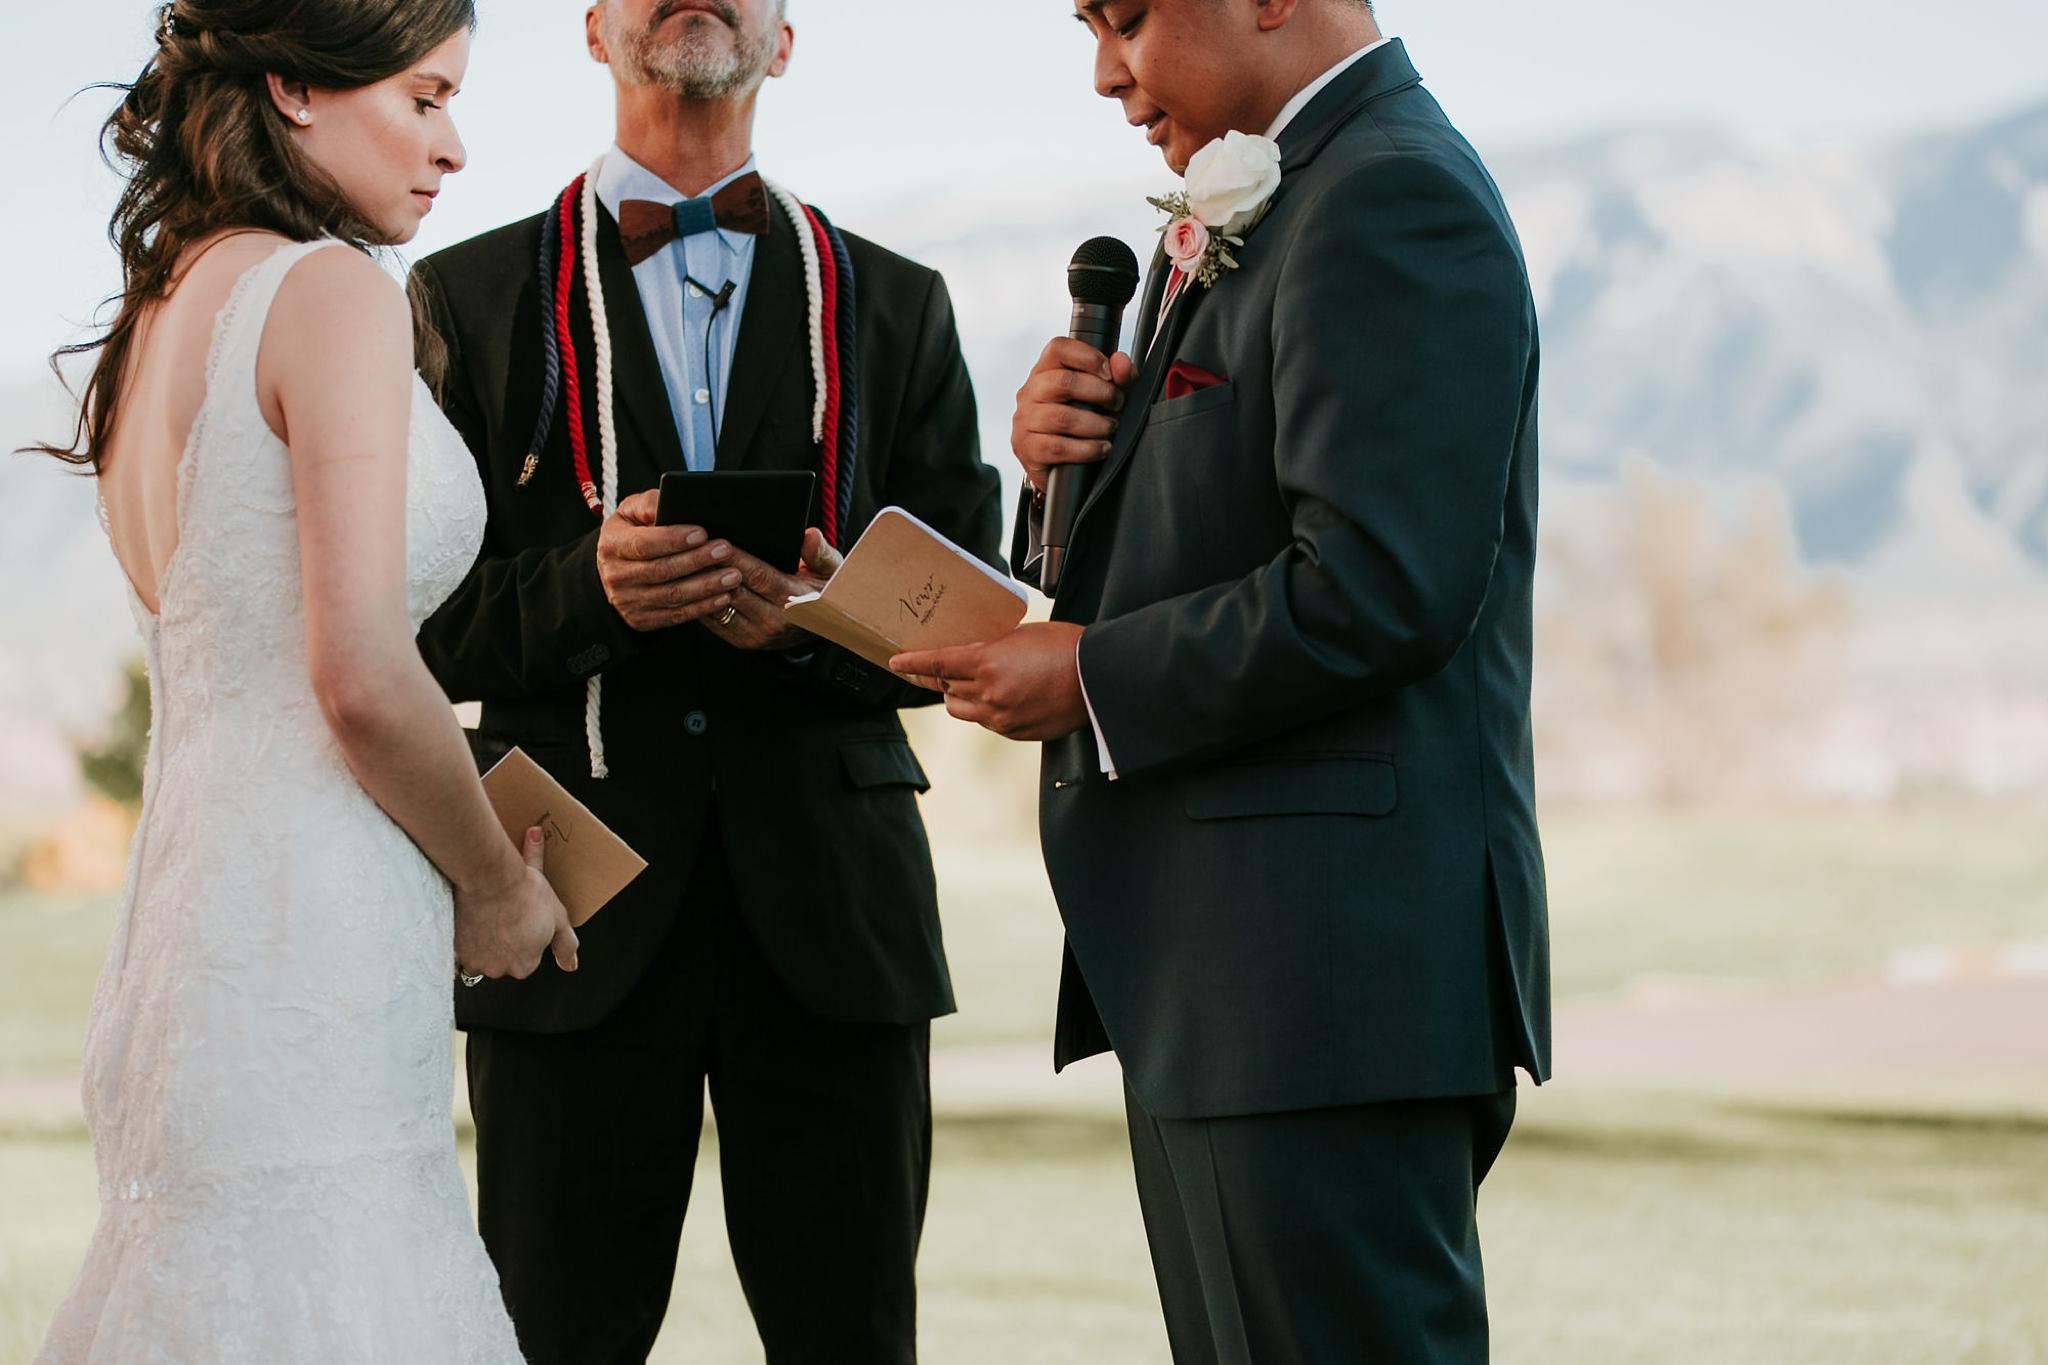 Alicia+lucia+photography+-+albuquerque+wedding+photographer+-+santa+fe+wedding+photography+-+new+mexico+wedding+photographer+-+new+mexico+wedding+-+wedding+vows+-+writing+your+own+vows+-+wedding+inspo_0002.jpg